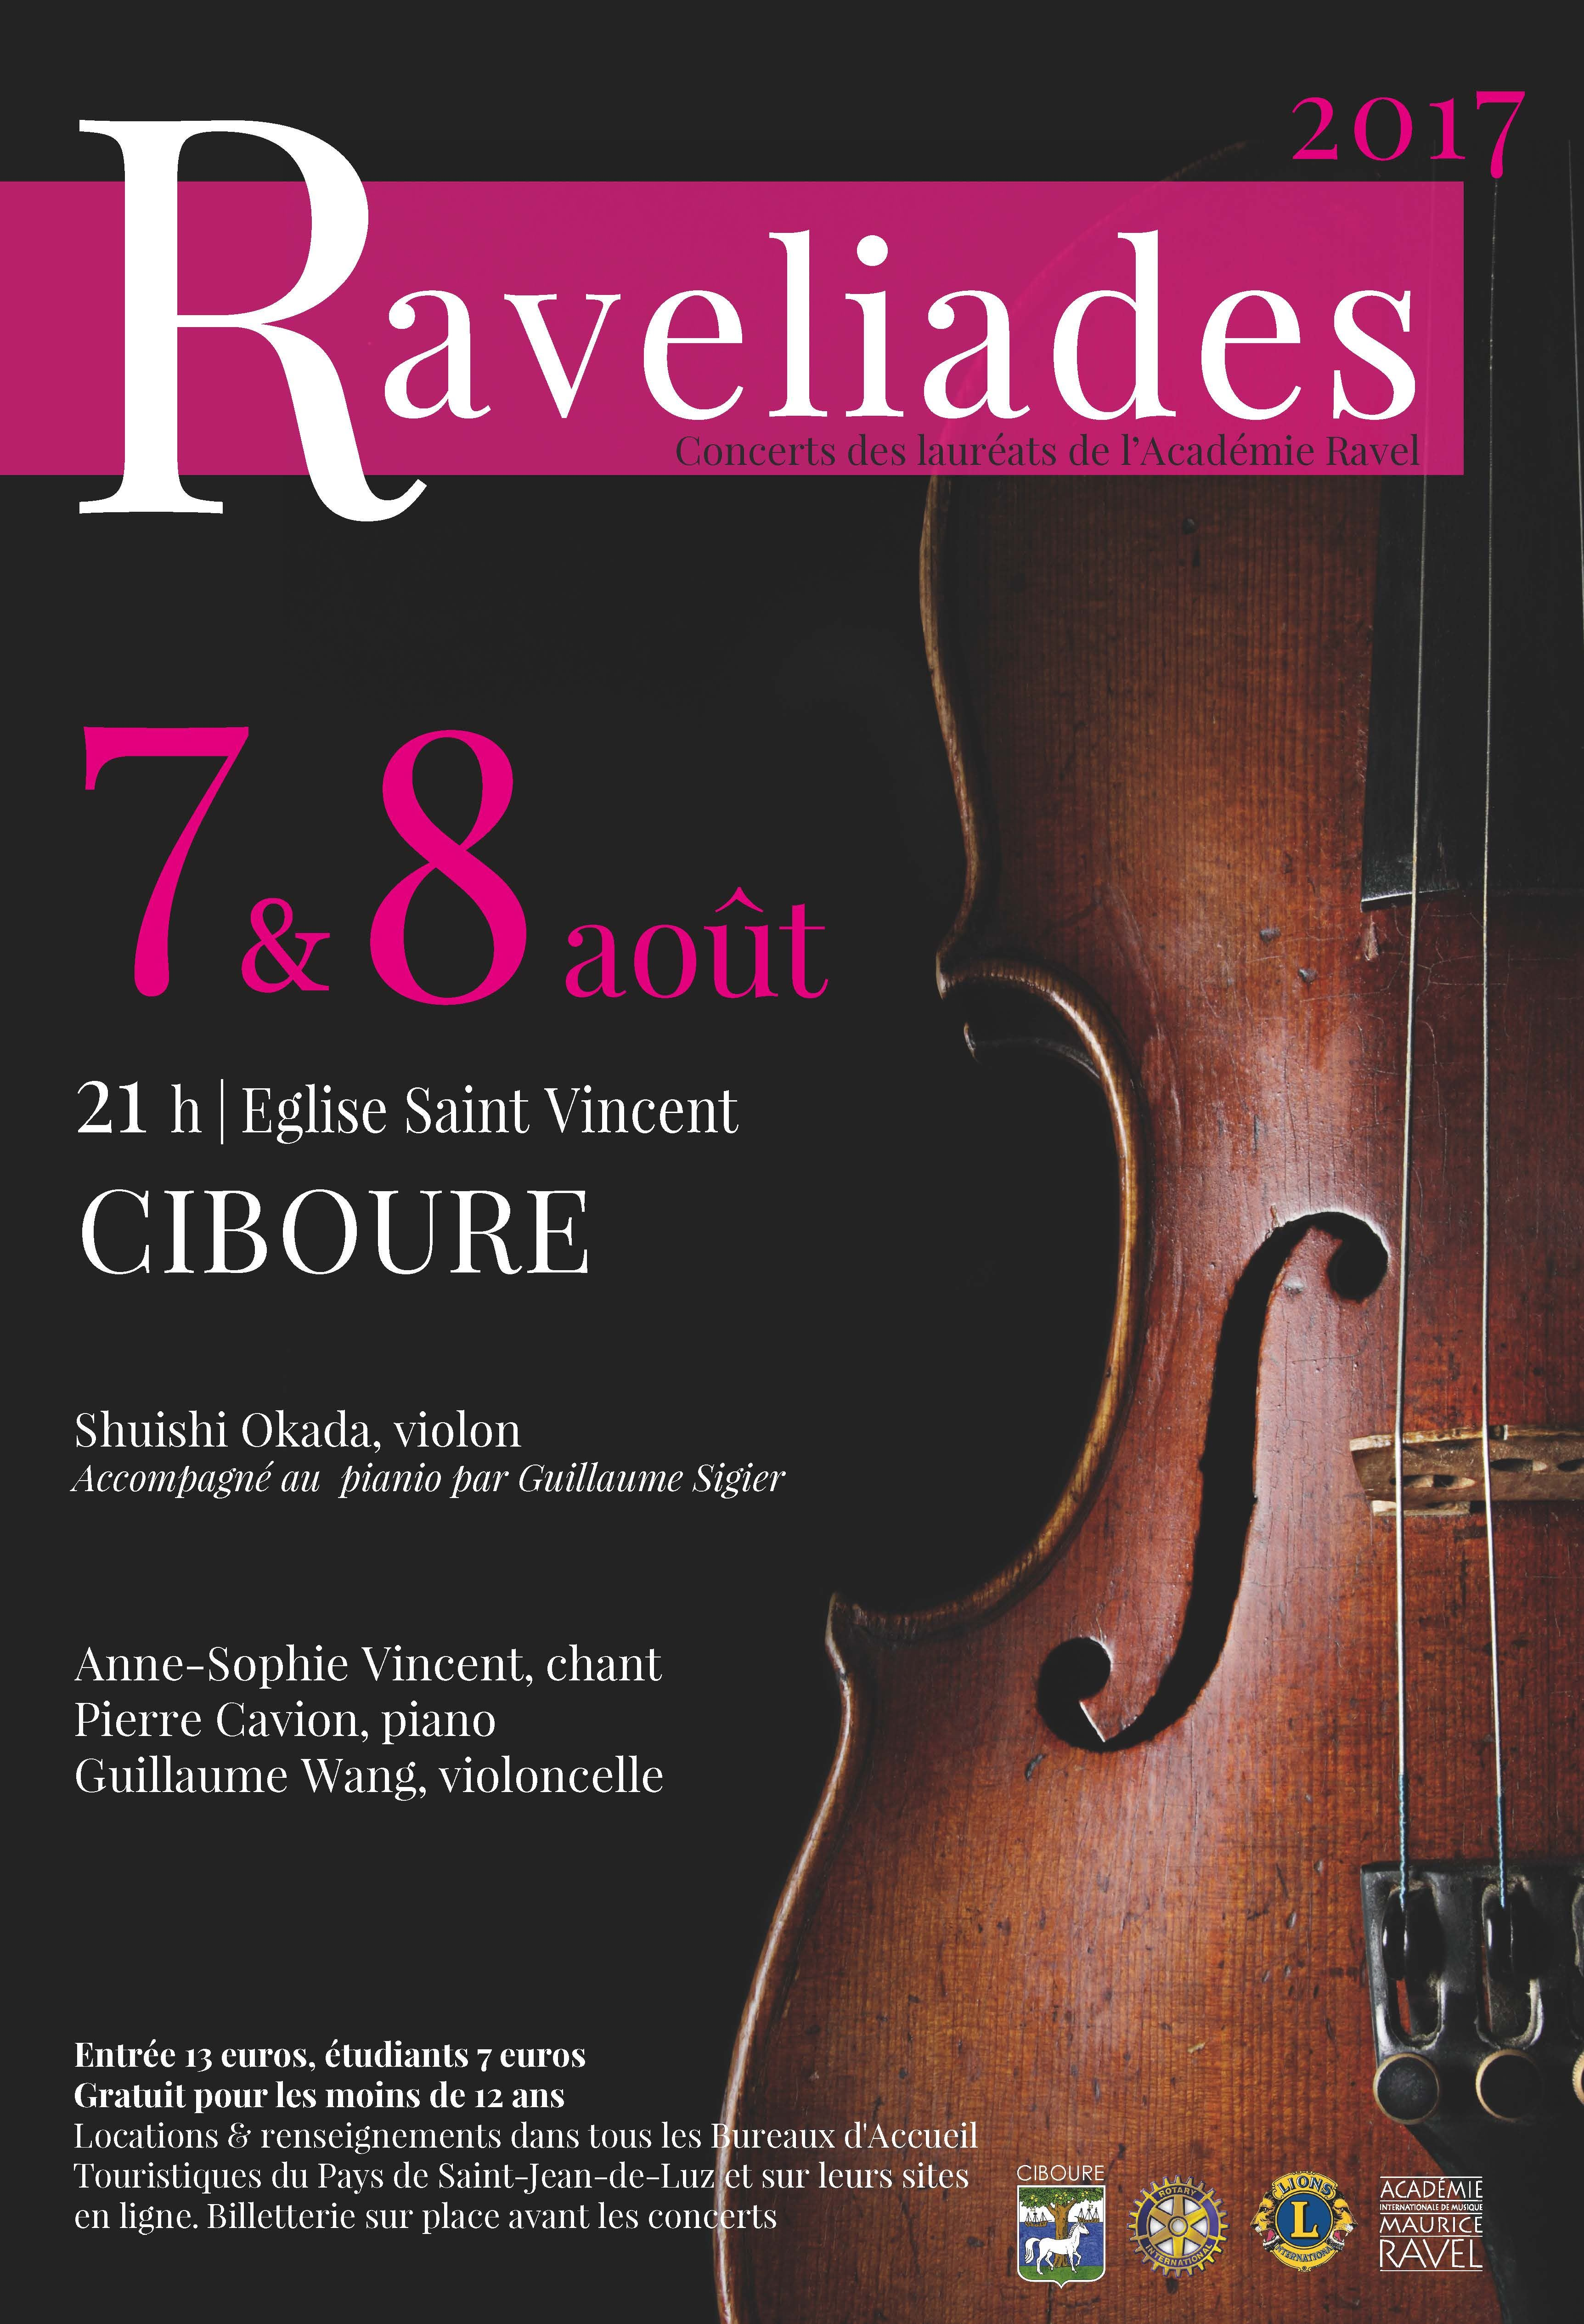 Concert des Ravéliades Mardi 7 août 2017 à 21h